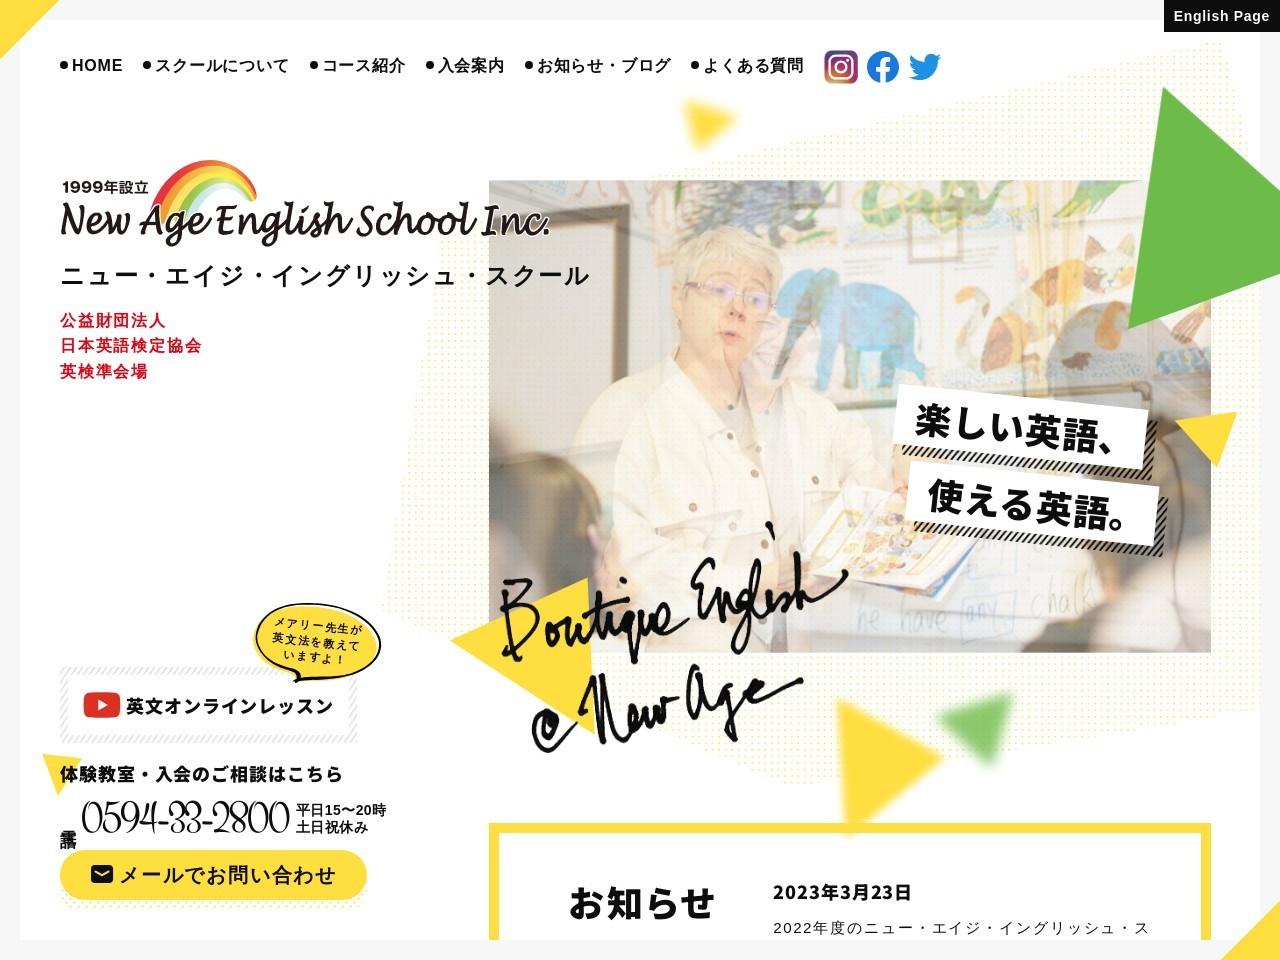 有限会社ニュー・エイジ・イングリッシュ・スクール